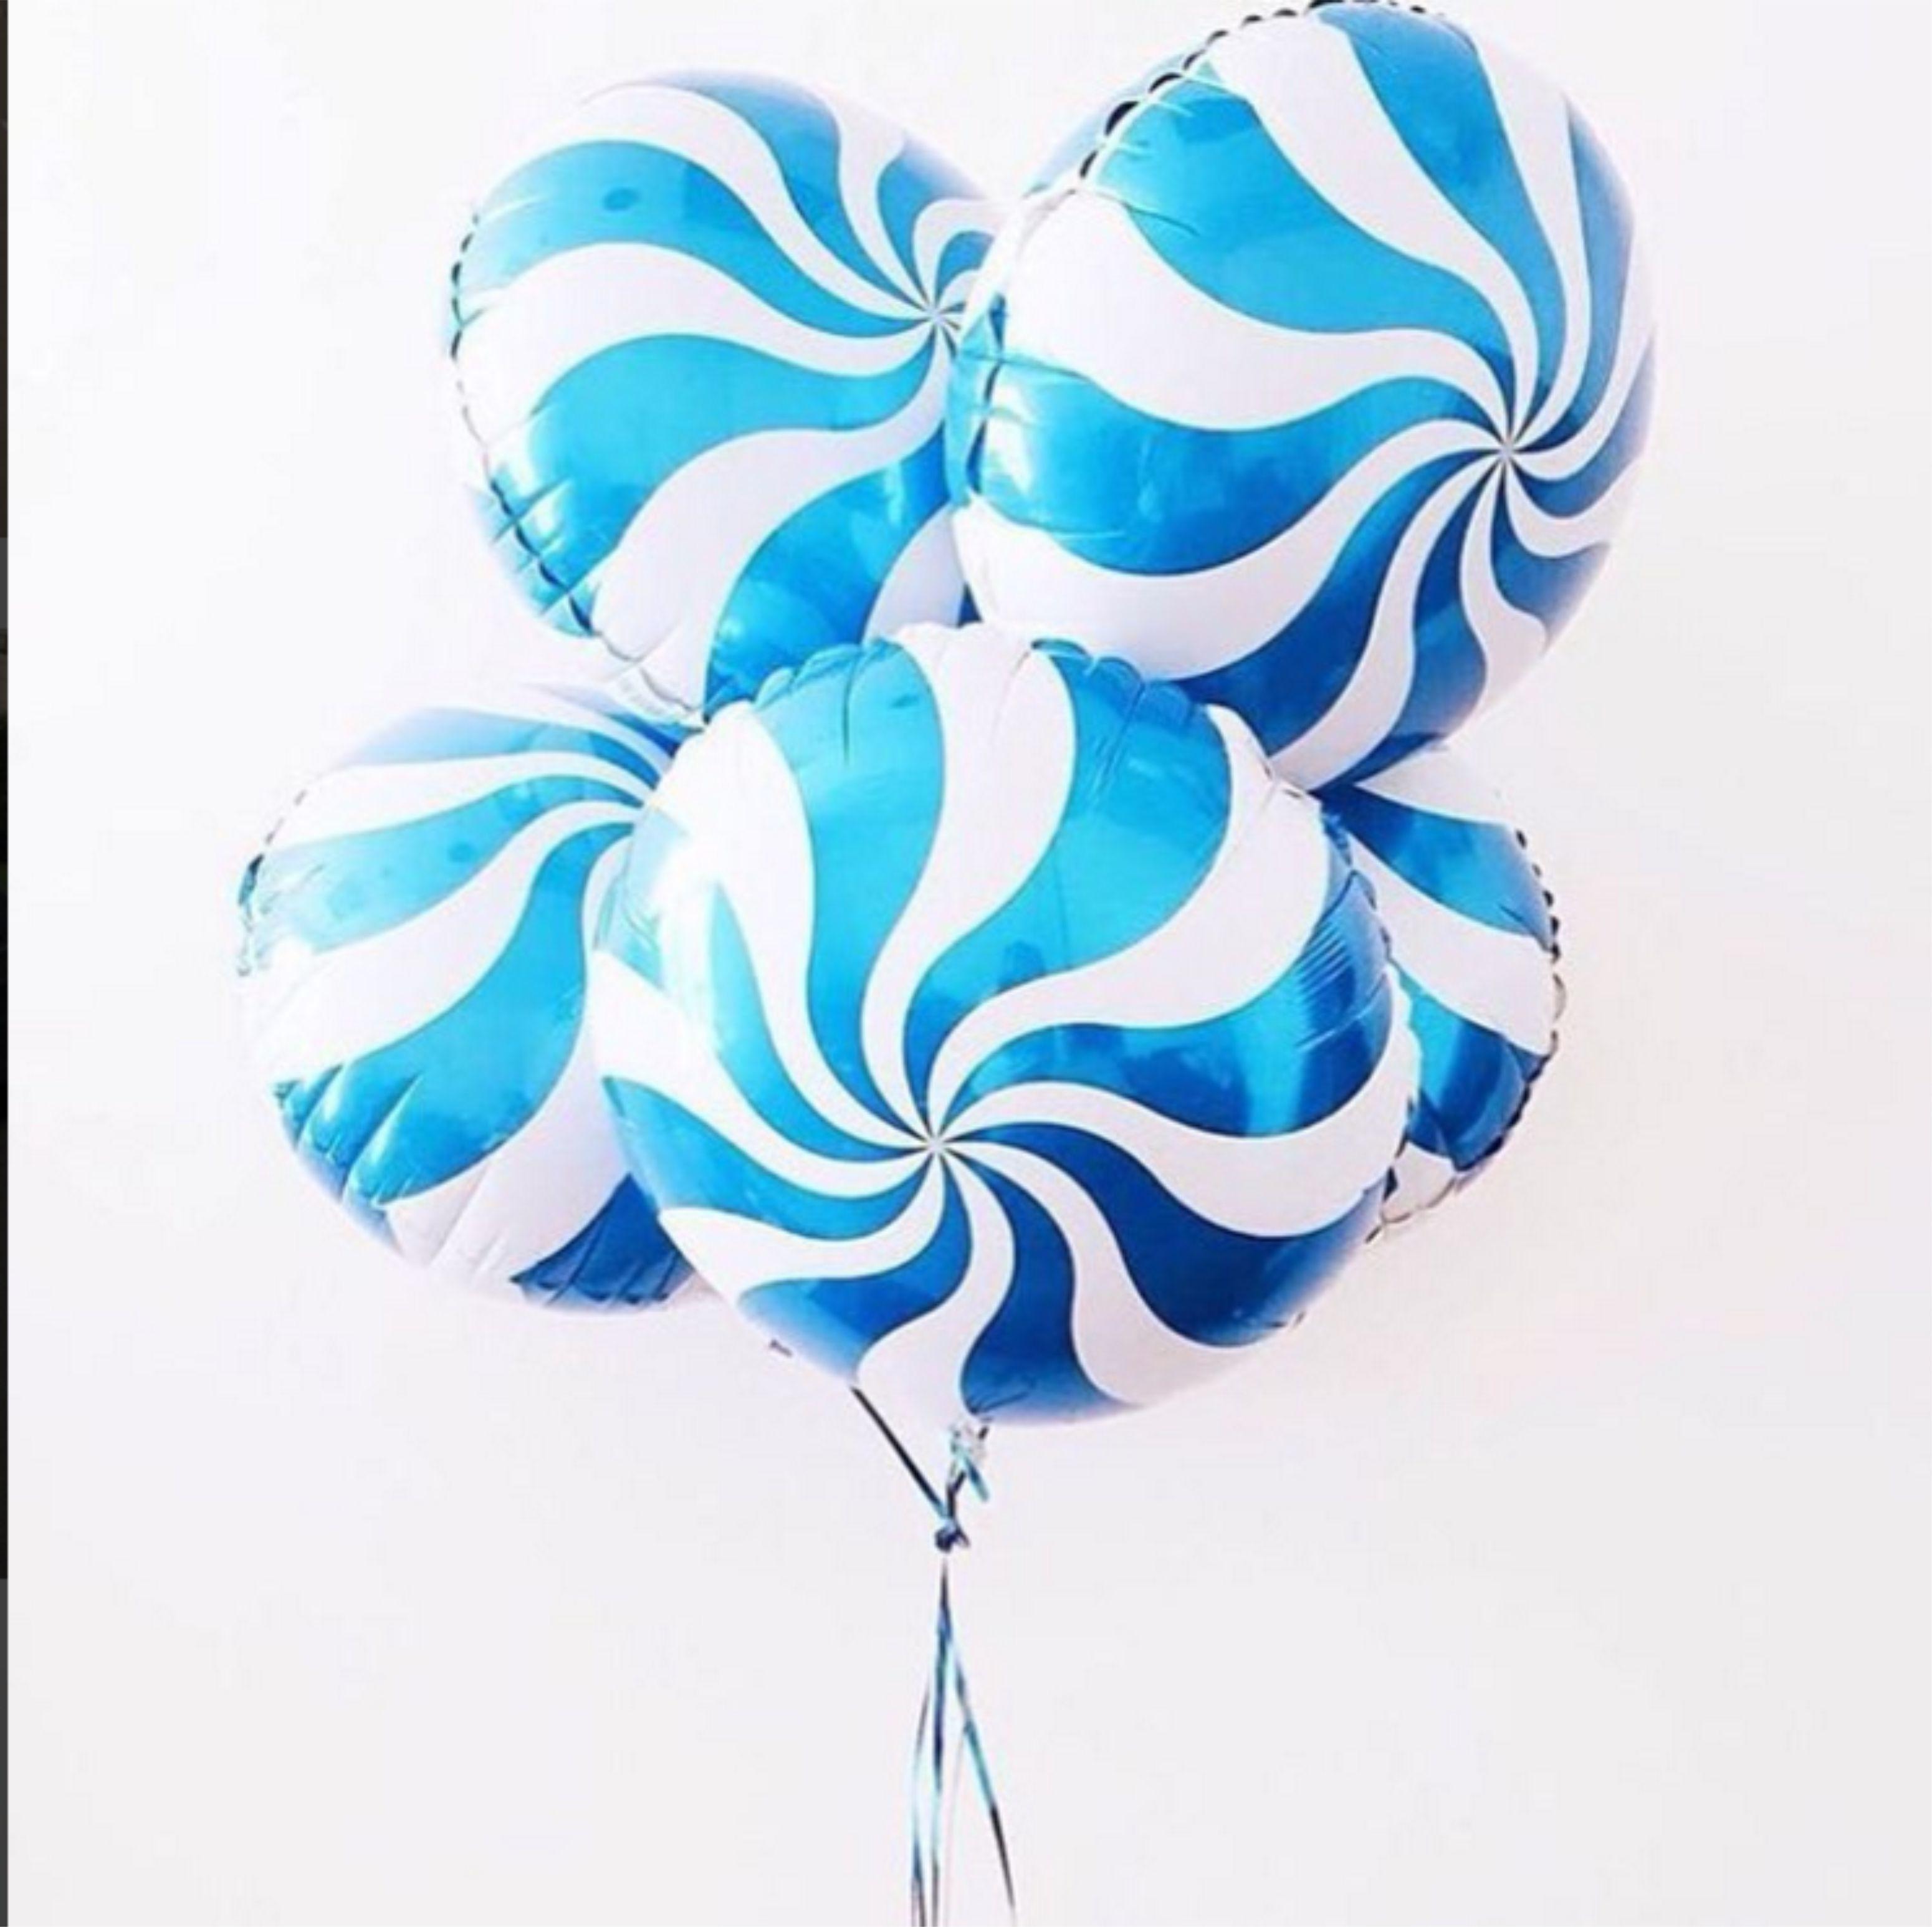 голубые_шарики_на_день_рождения.jpg